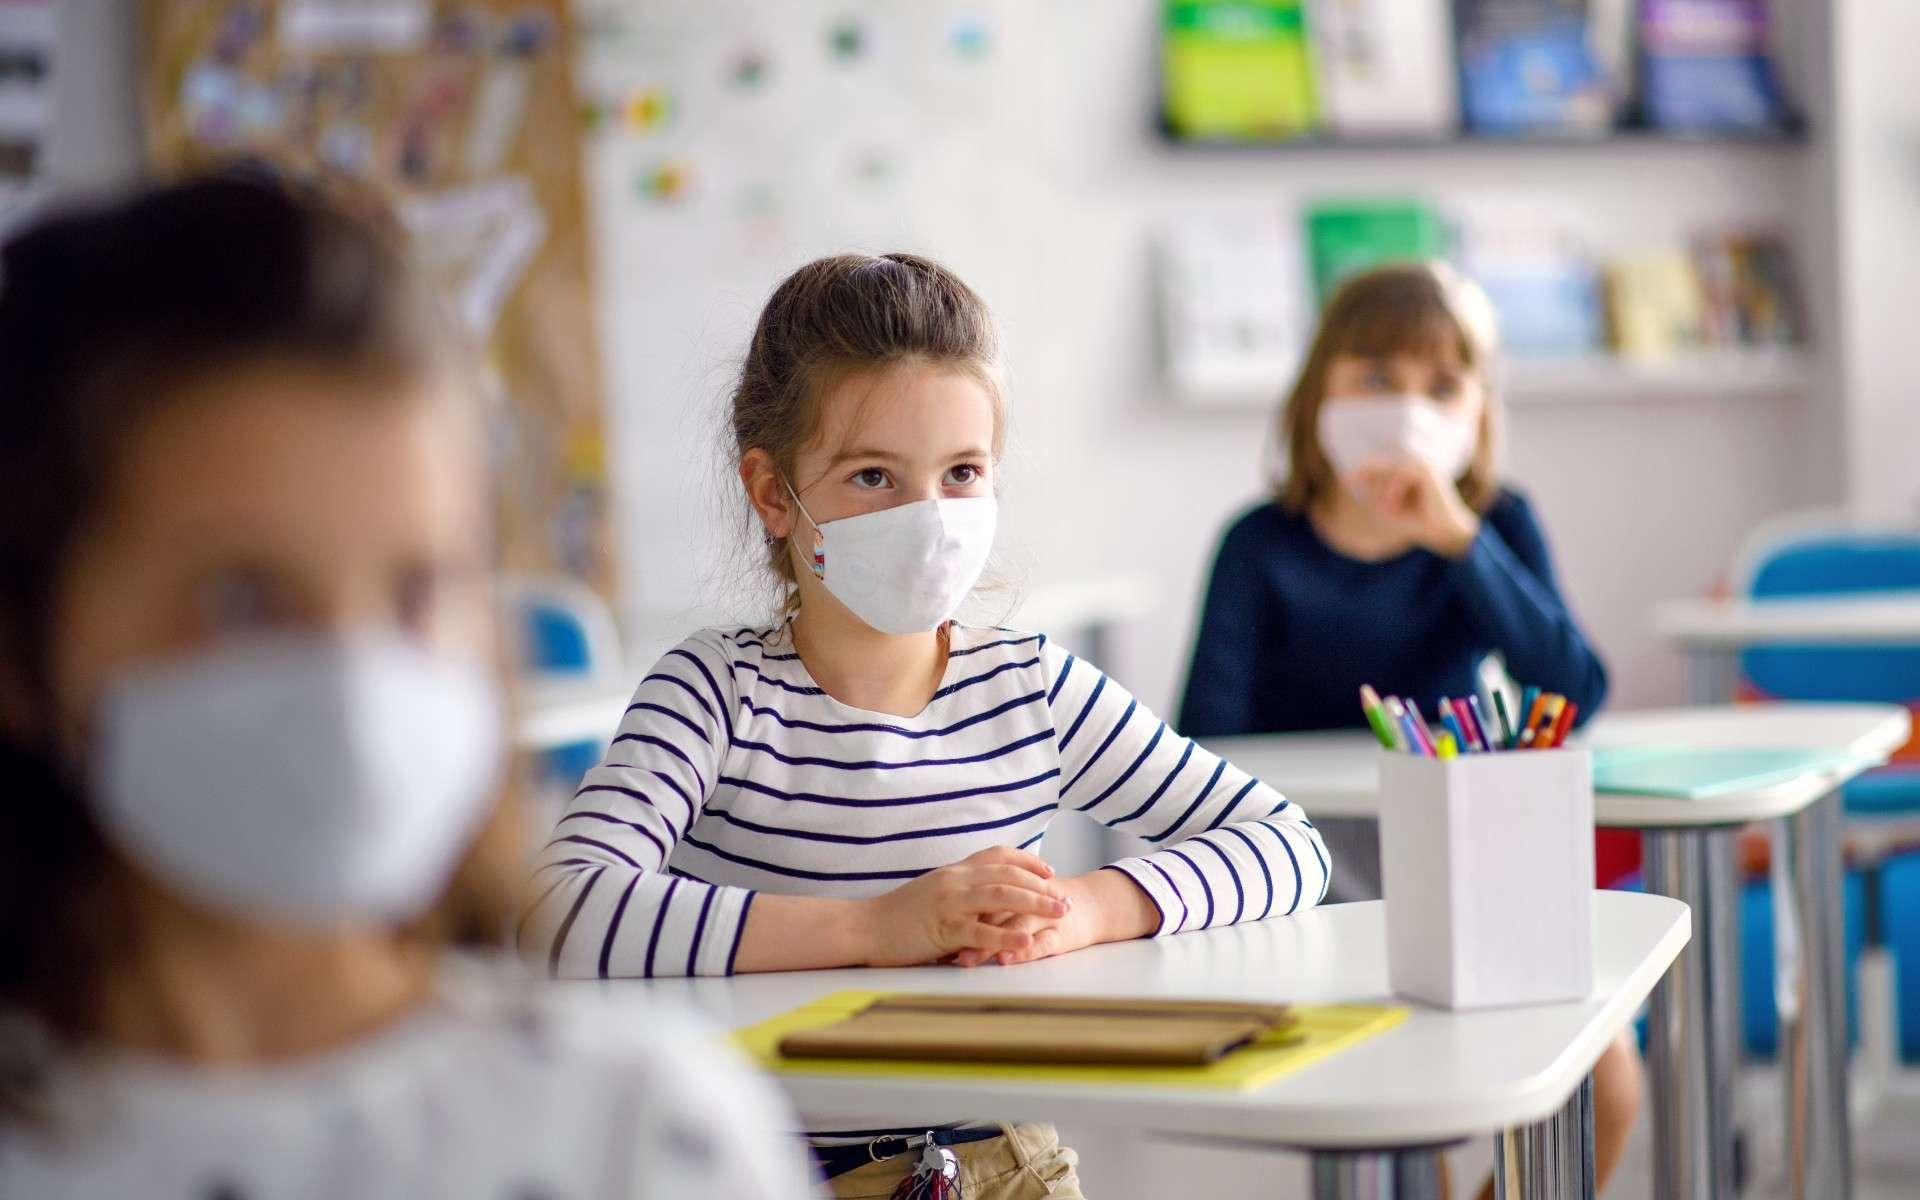 Tout ce qu'il faut savoir sur les tests de dépistage salivaire - Futura